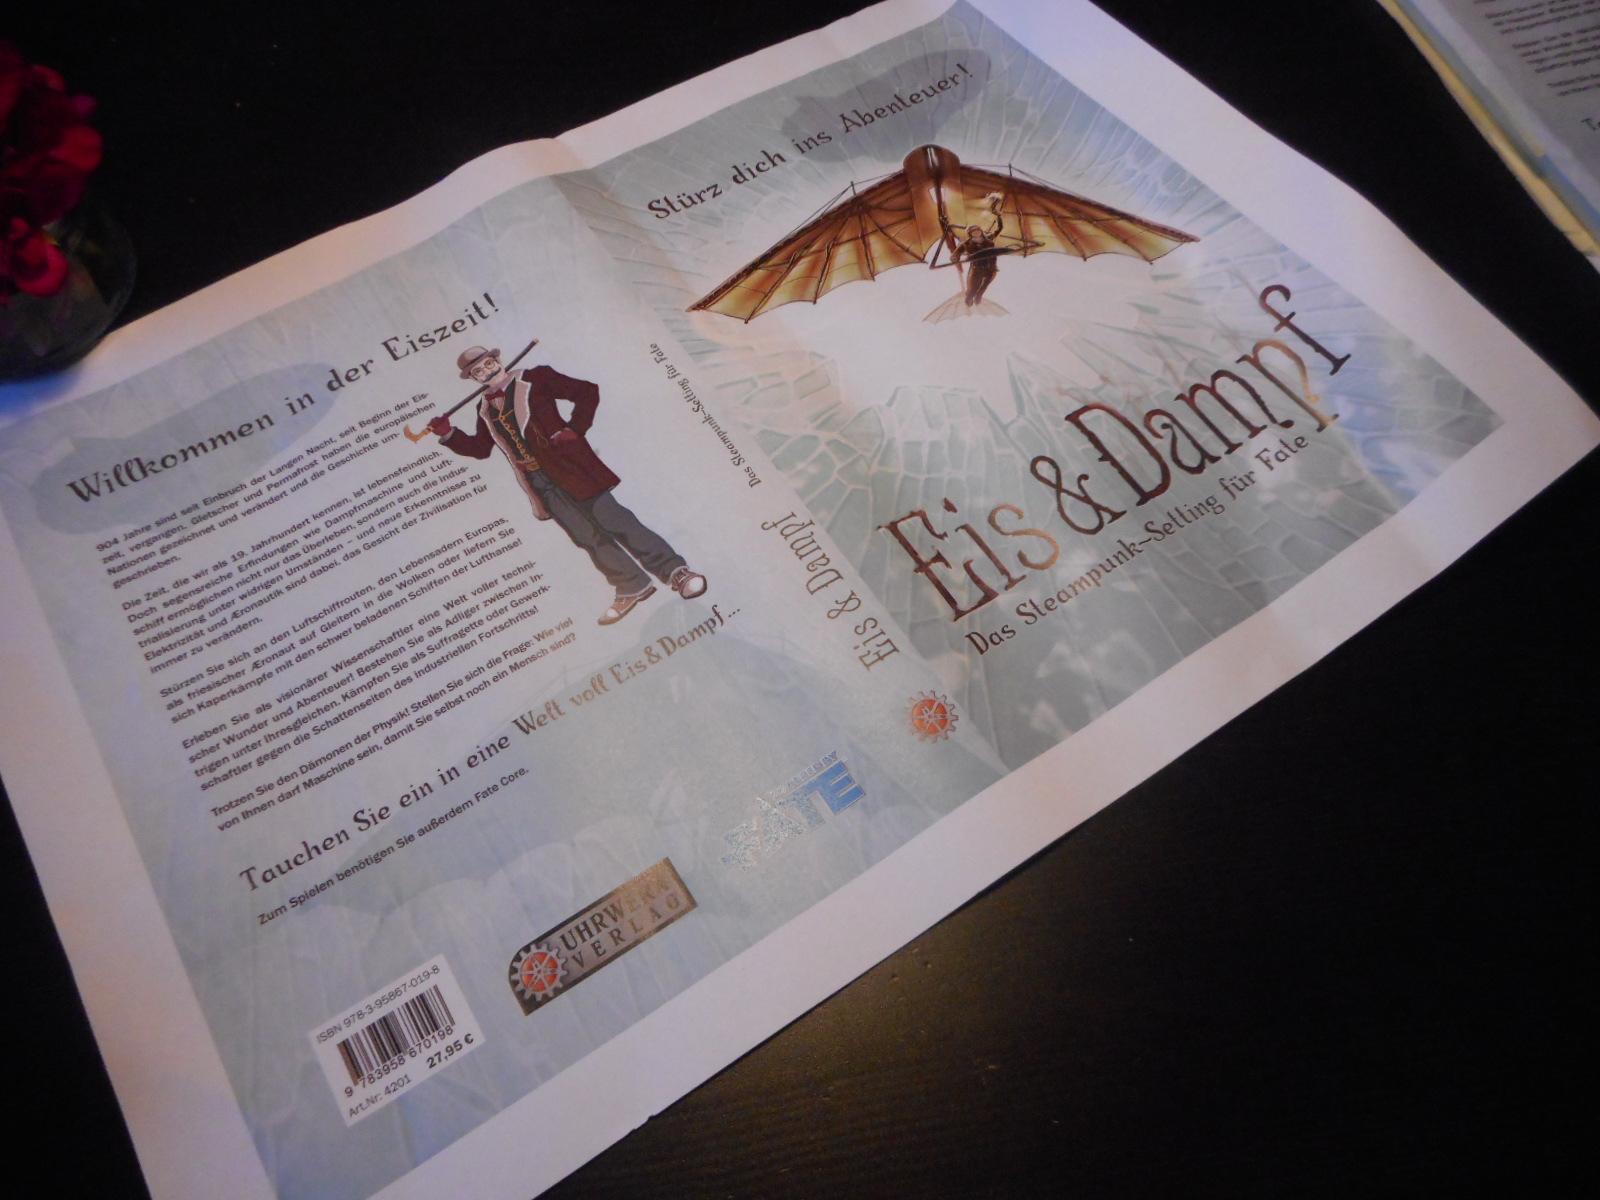 Auch das kommende Fate Core-Rollenspiel Eis & Dampf zeigt sich von seiner besten Seite. Auf der offiziellen Seite des im Uhrwerk Verlag erscheinenden Rollenspiels zu den Büchern Die zerbrochene Puppe […]